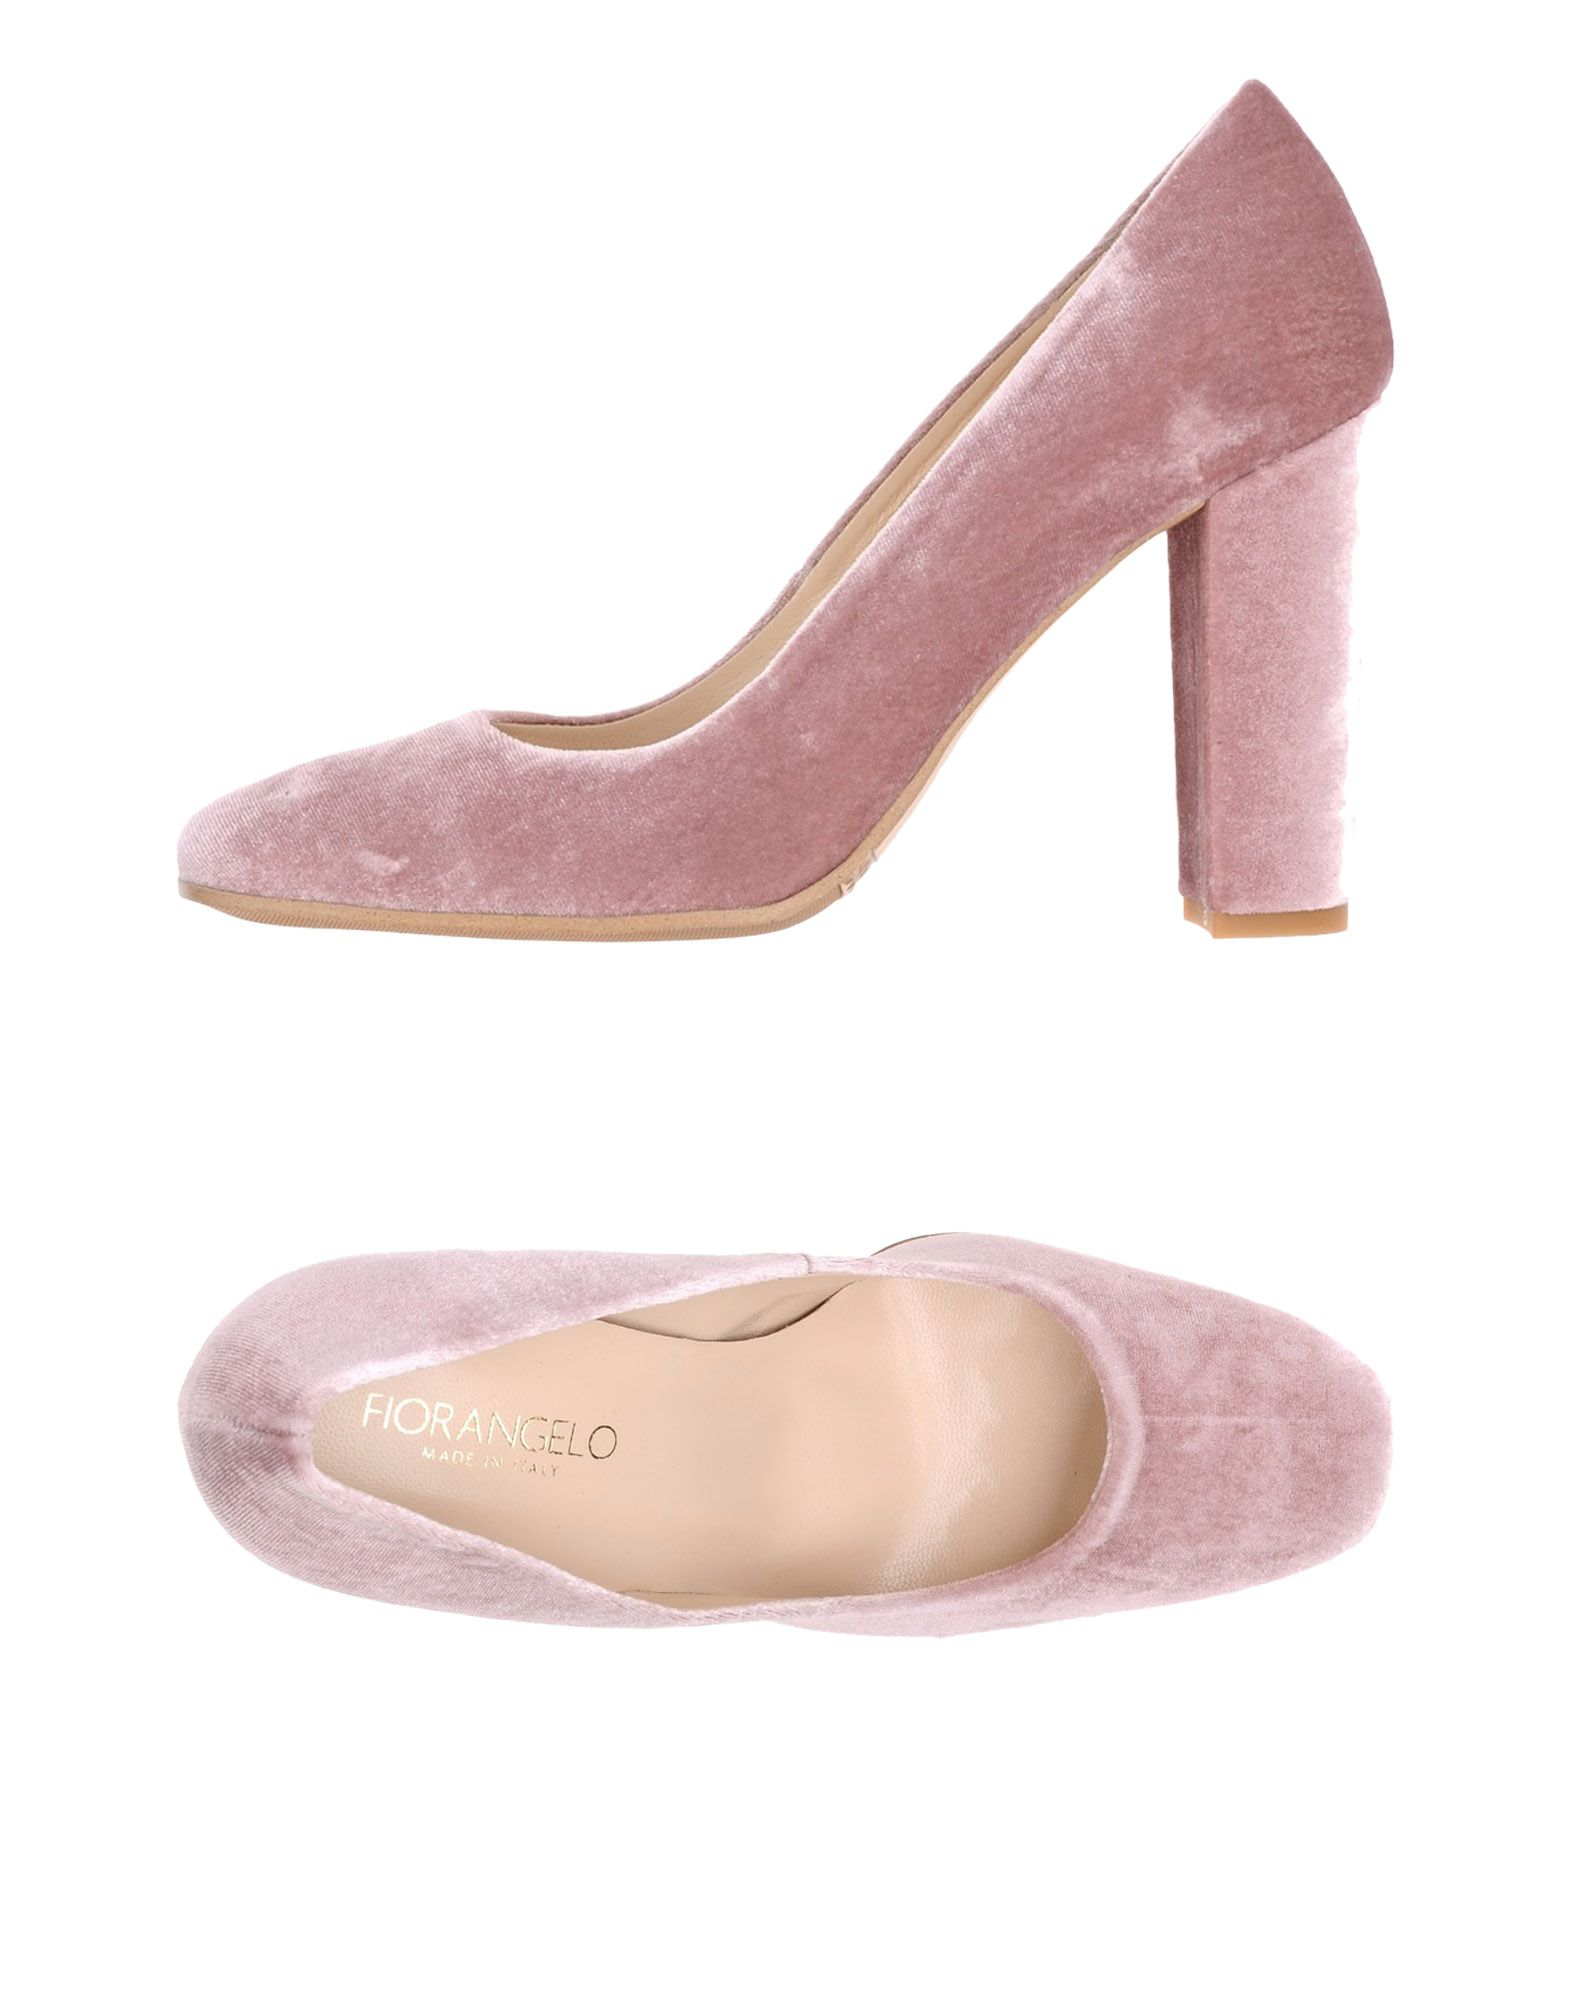 Fiorangelo Pumps Damen  11291495HO Gute Qualität beliebte Schuhe